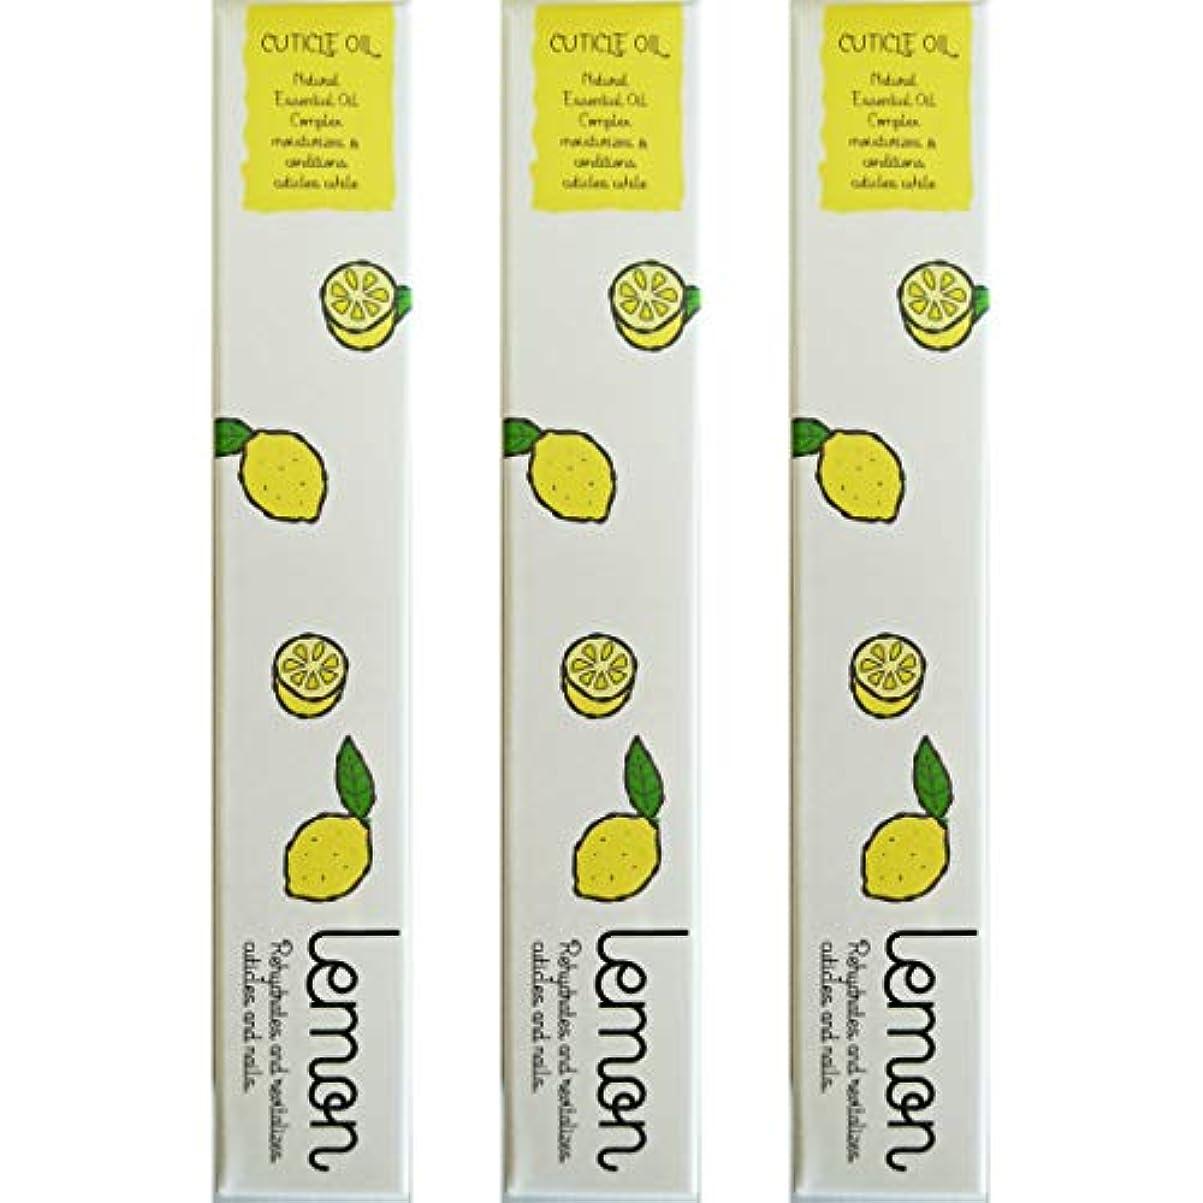 対処する補体本物のネイルオイル キューティクルオイル ペンタイプ 3本 (レモン)